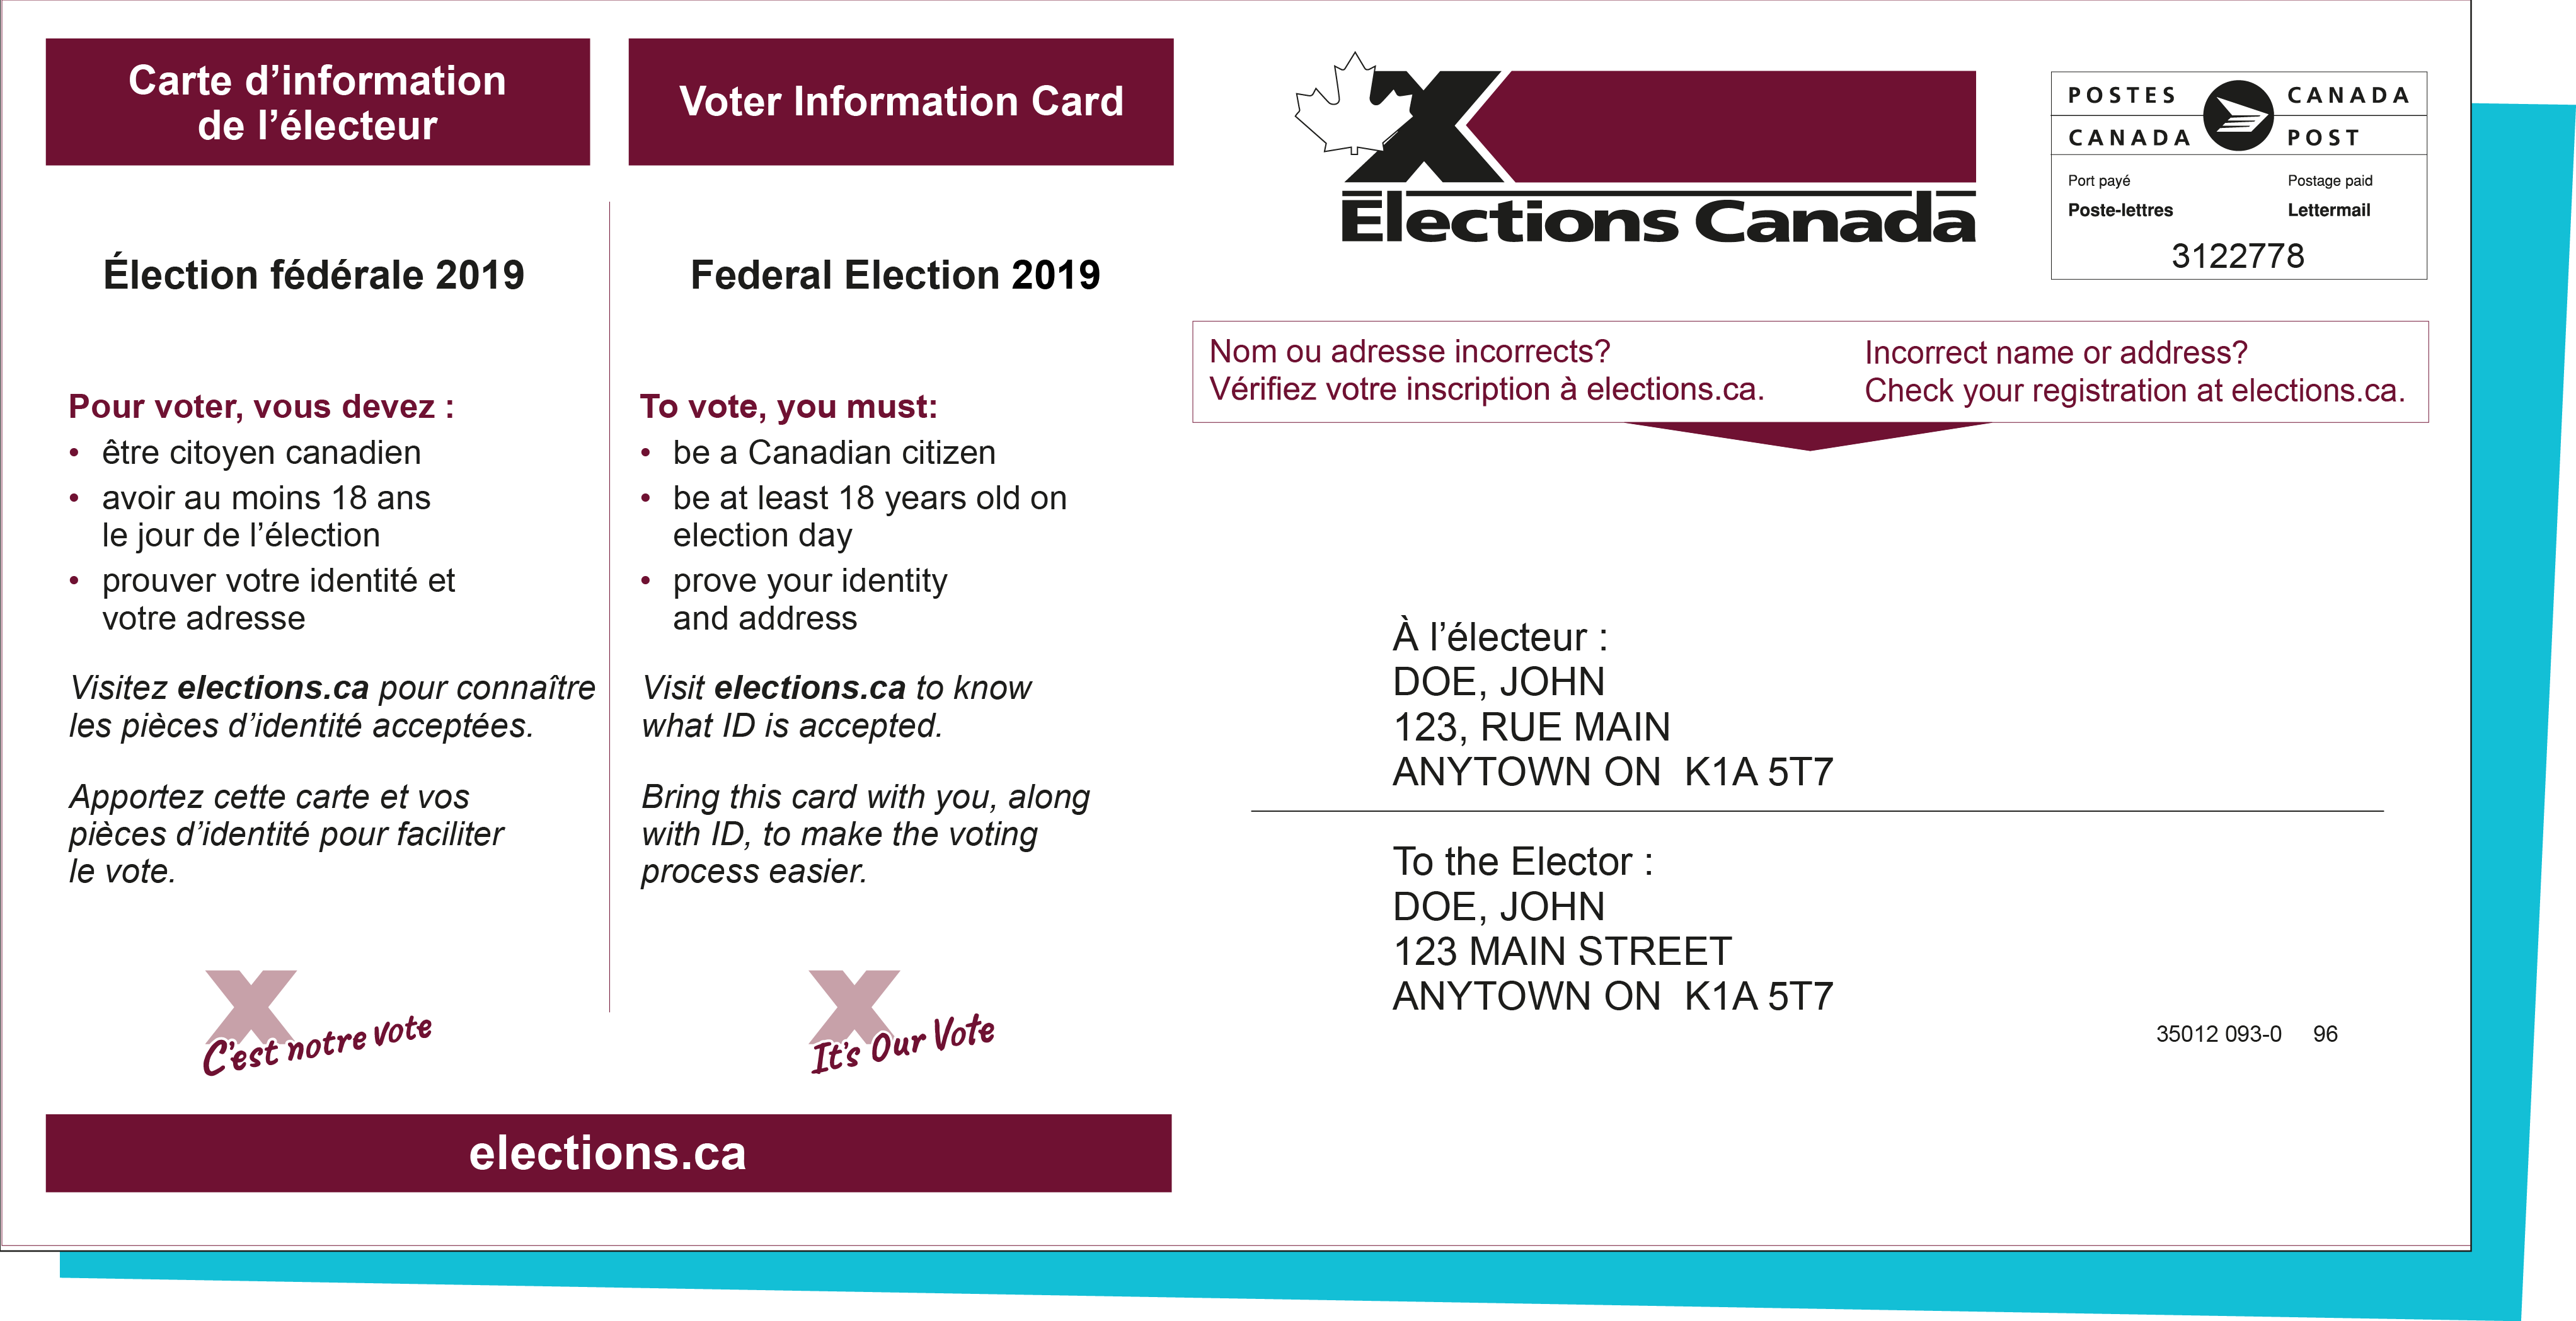 Carte d'information de l'électeur